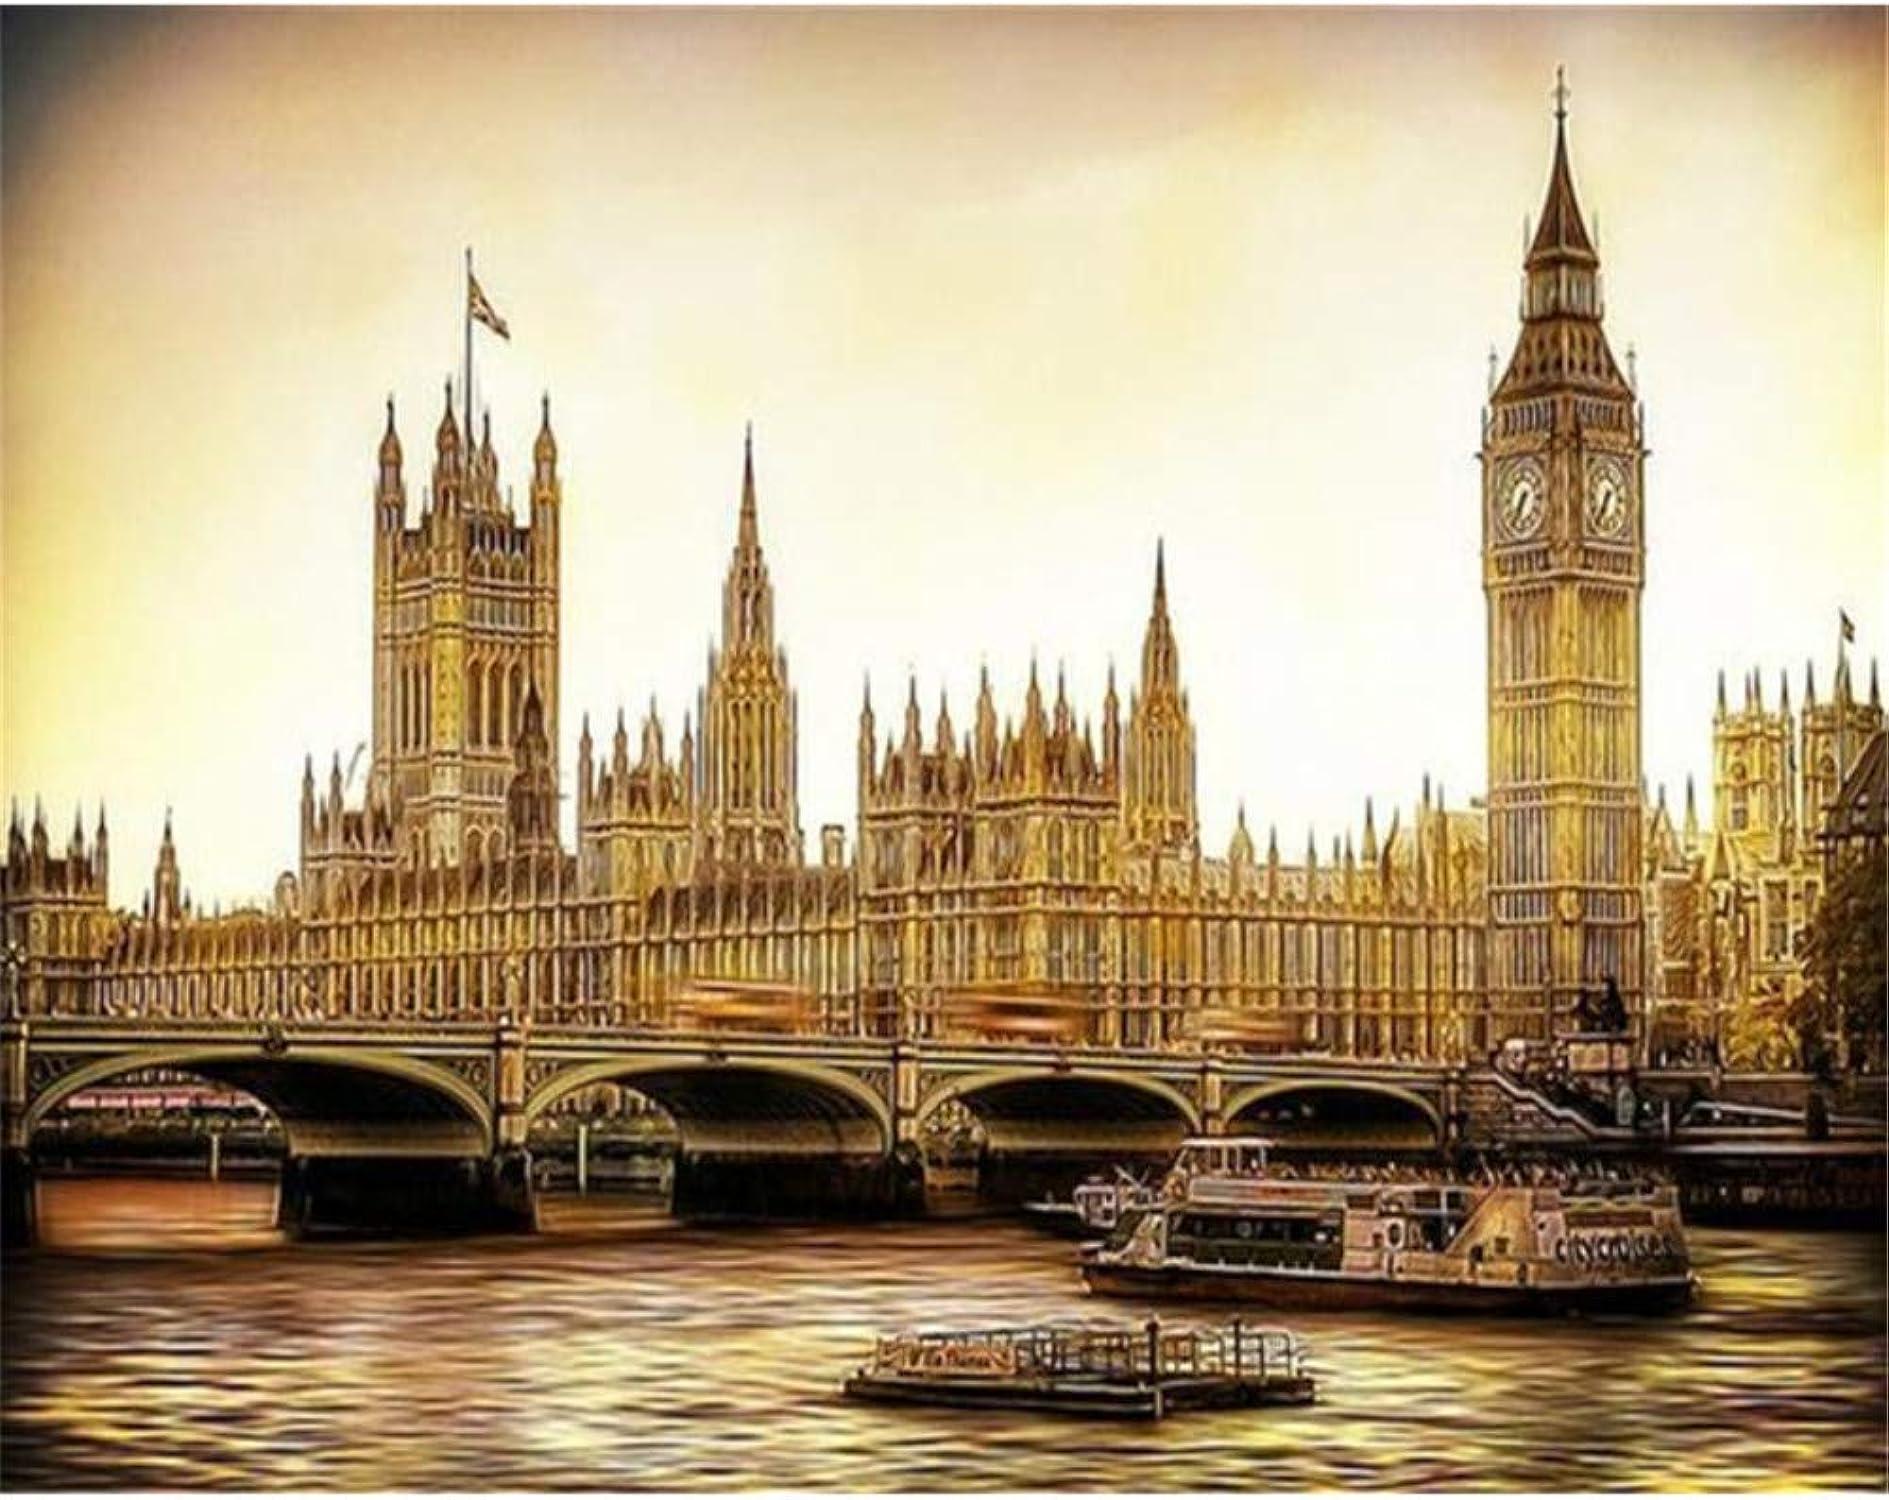 ahorra hasta un 30-50% de descuento Xbwy Fondo De Pantalla Personalizado Personalizado Personalizado 3D Puente De Londres Foto Decoración Del Hogar Papel Tapiz Mural Papel Tapiz Decoración Del Hogar Moderno Para Parojoes 3 D-200X140Cm  entrega de rayos